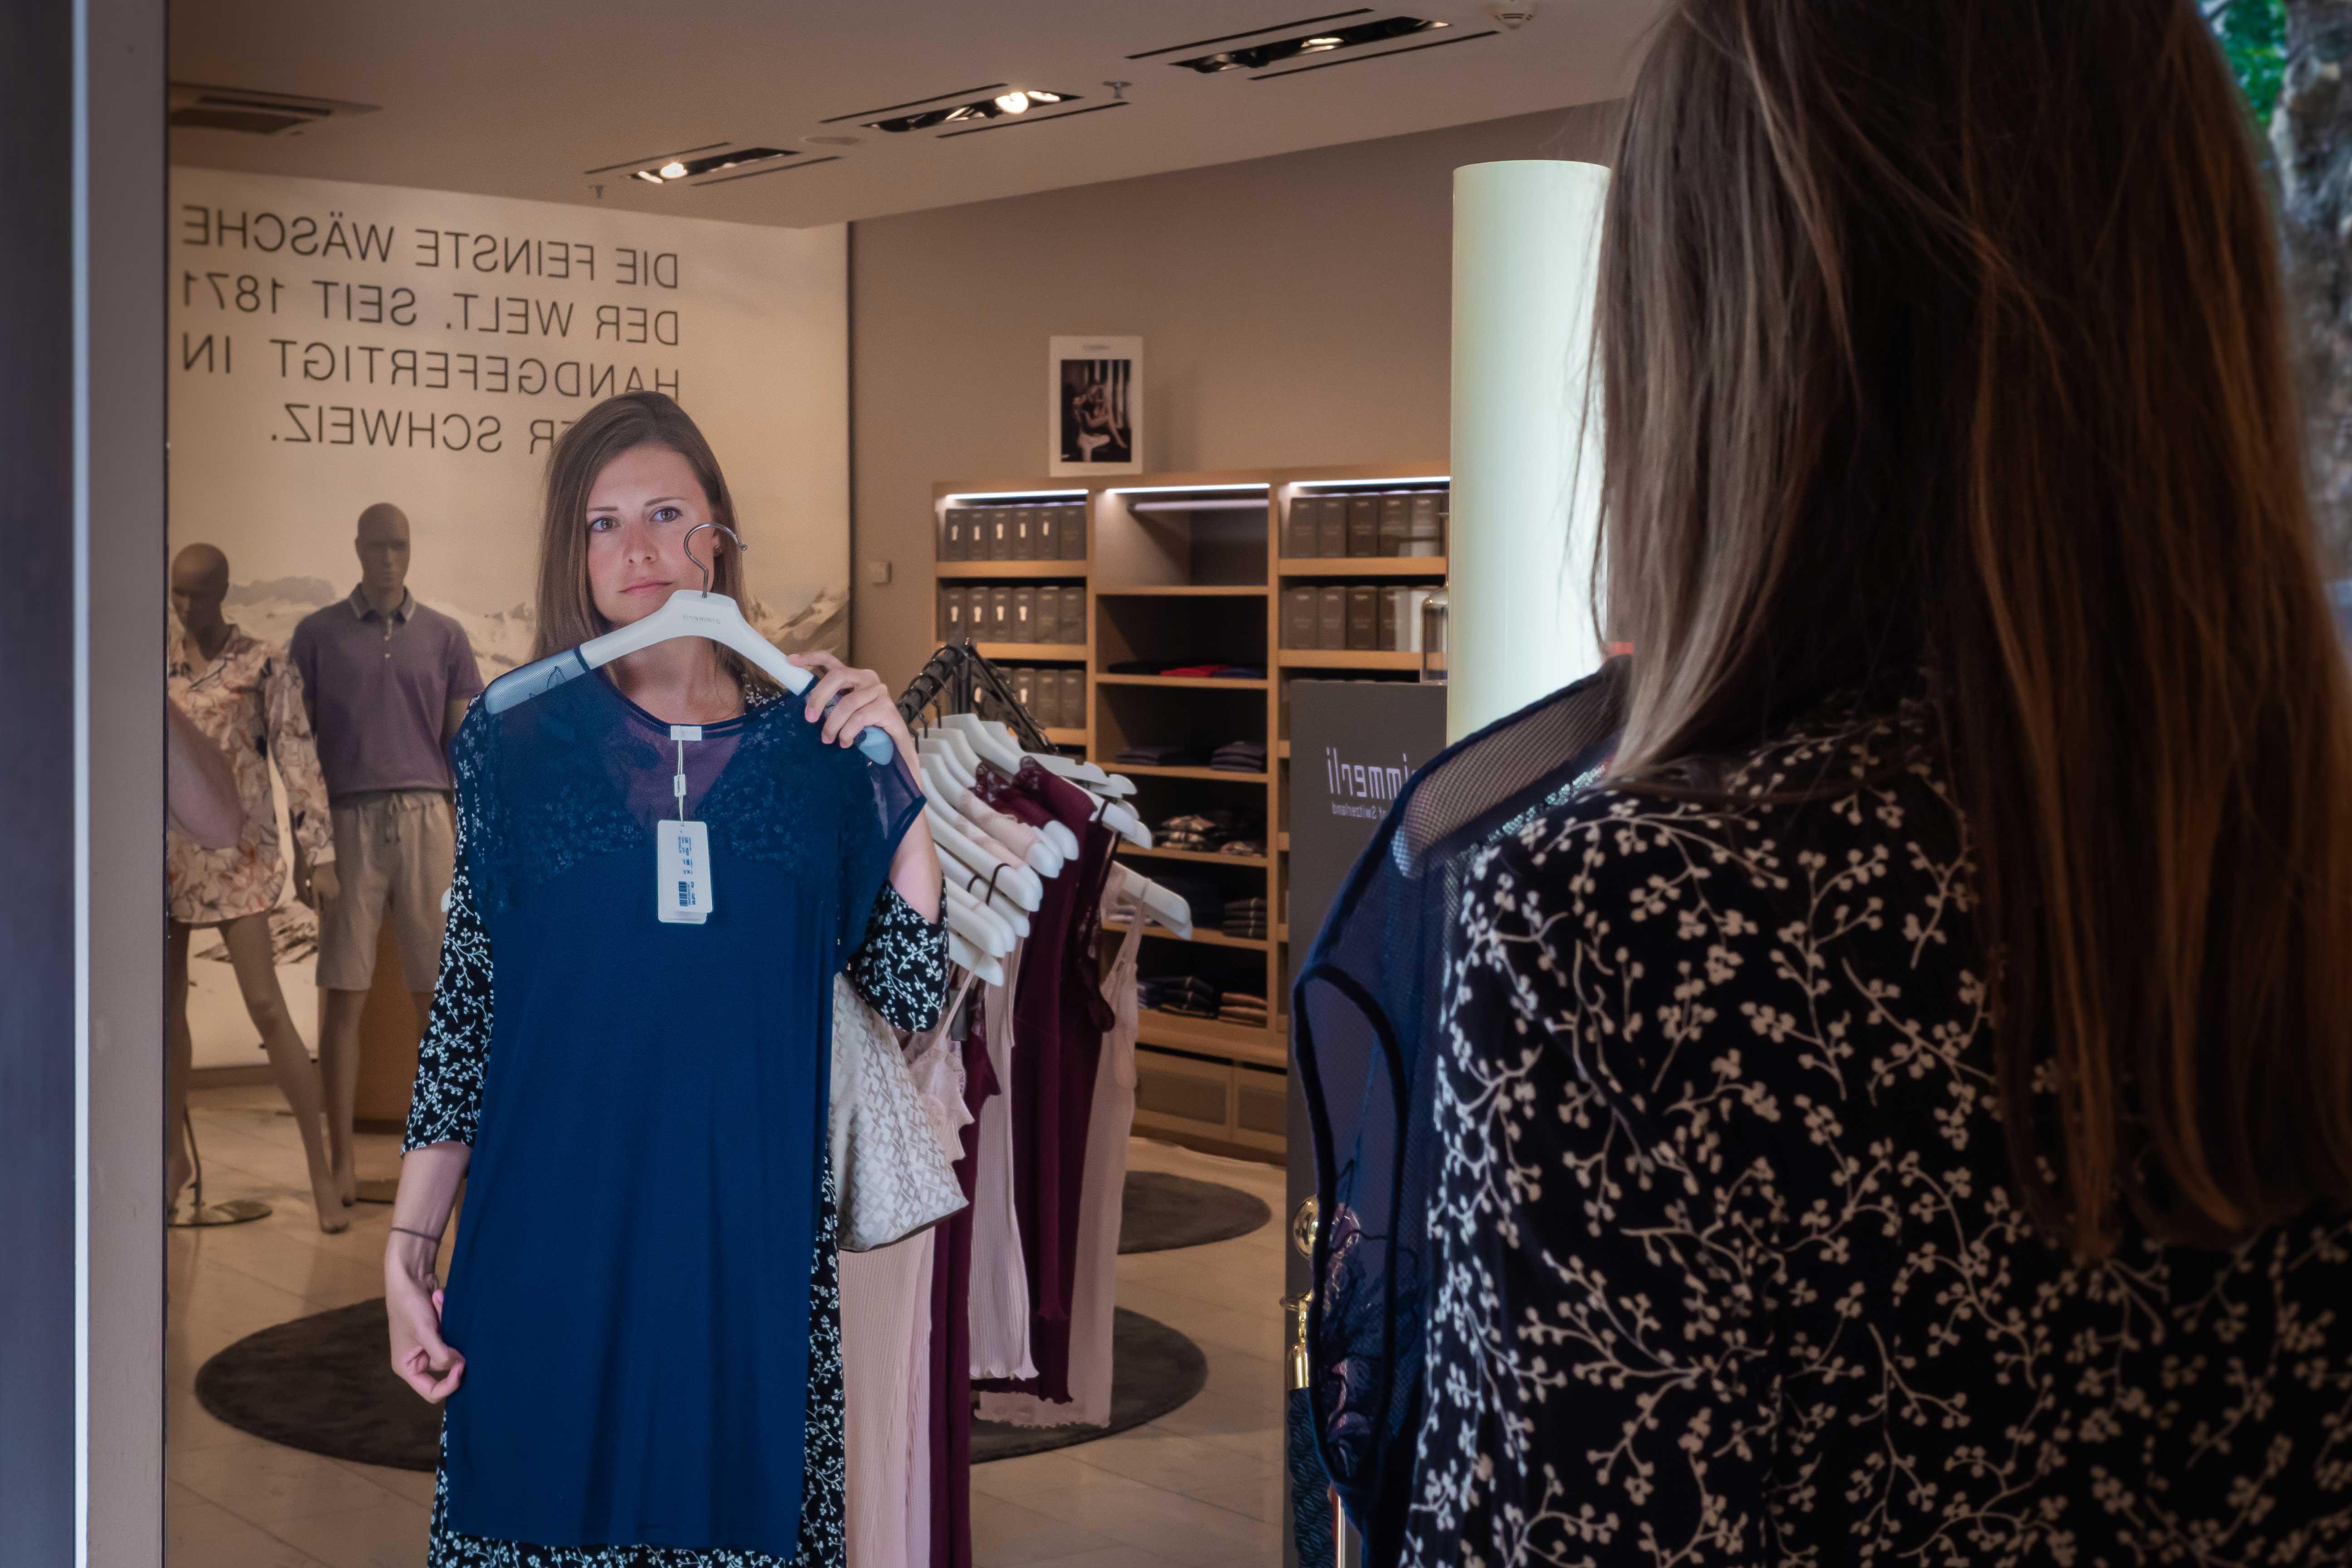 Frau steht vor Spiegel und hält sich Kleid vor die Brust